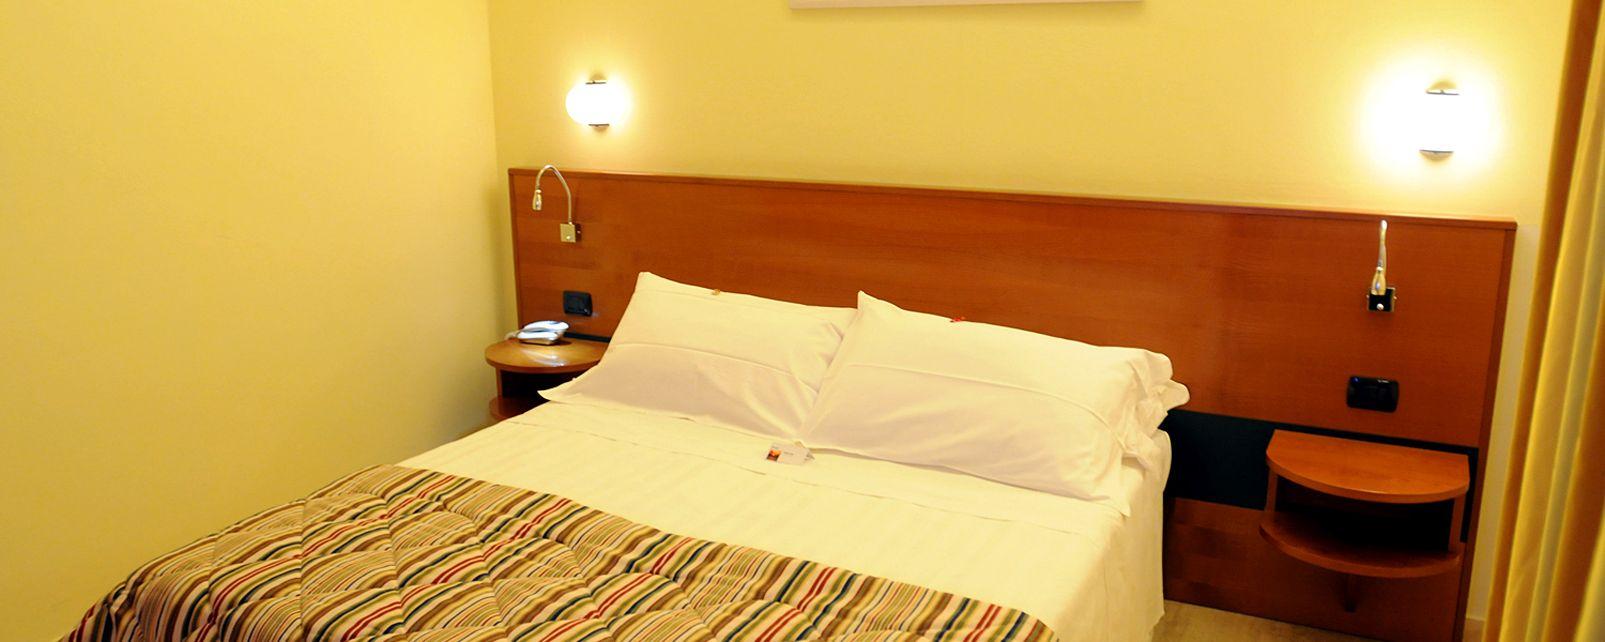 Hôtel Astoria Suite Hotel